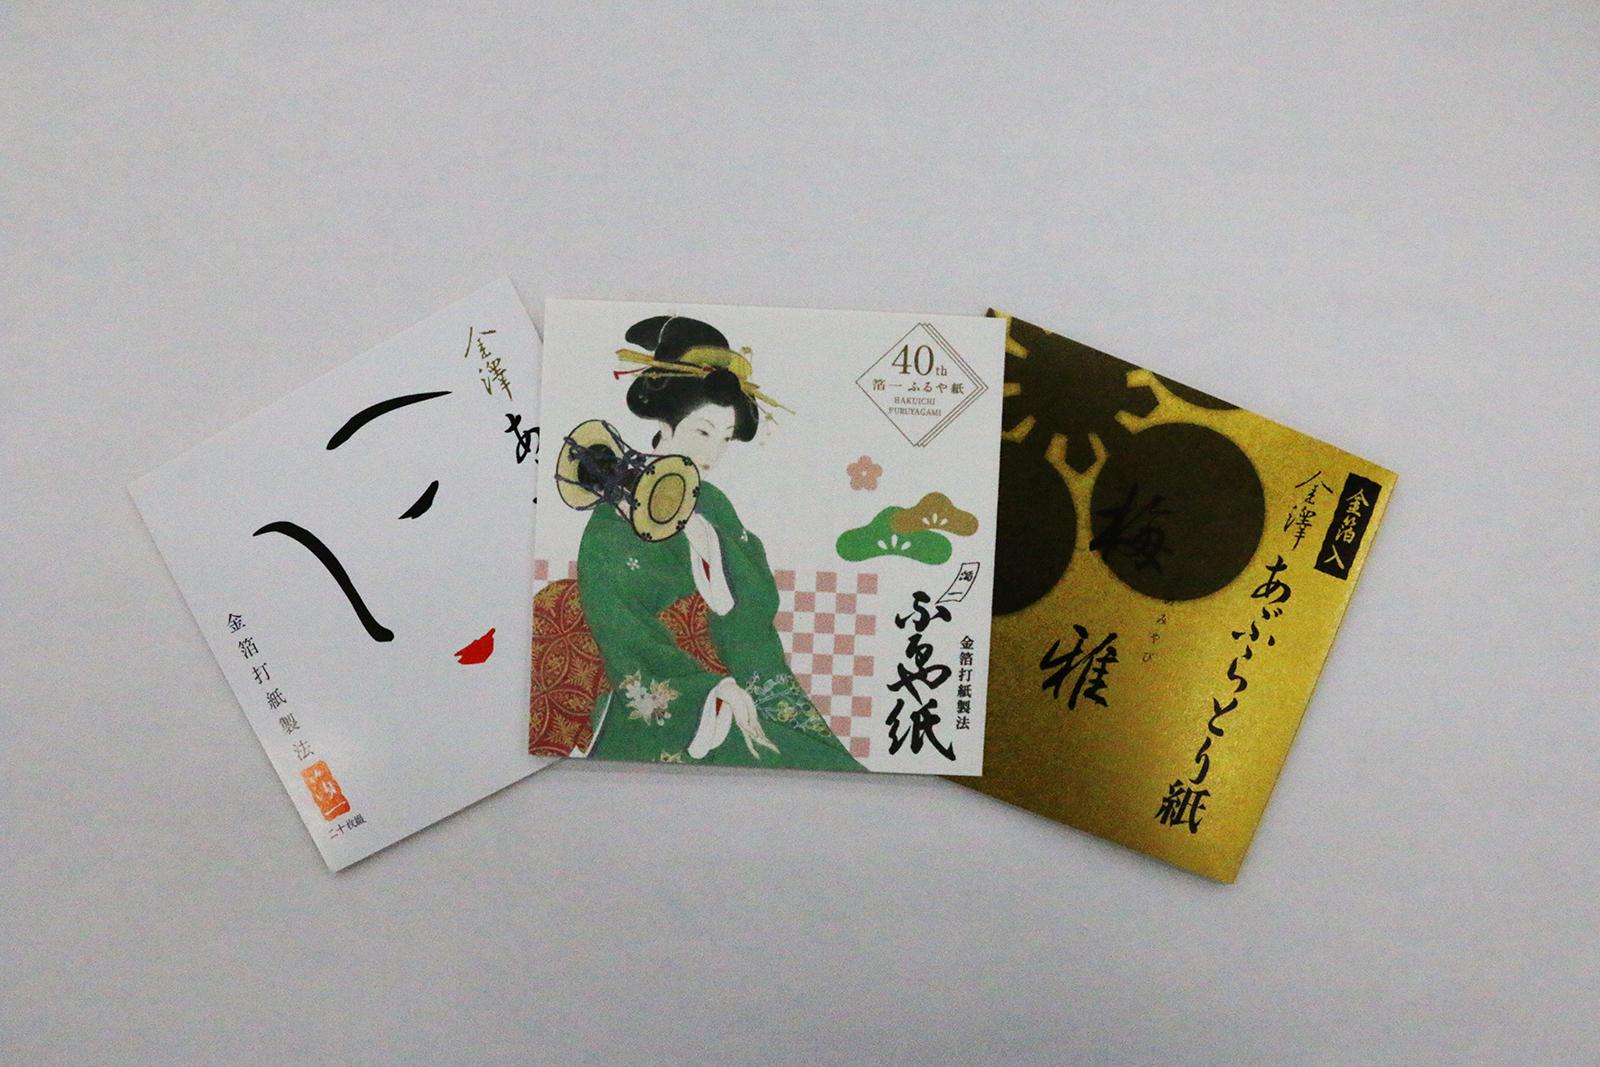 創業当時からの「美人」シリーズ(中央 *写真は40周年記念仕様)や美容成分(左)、金箔入り(右)など種類も様々。